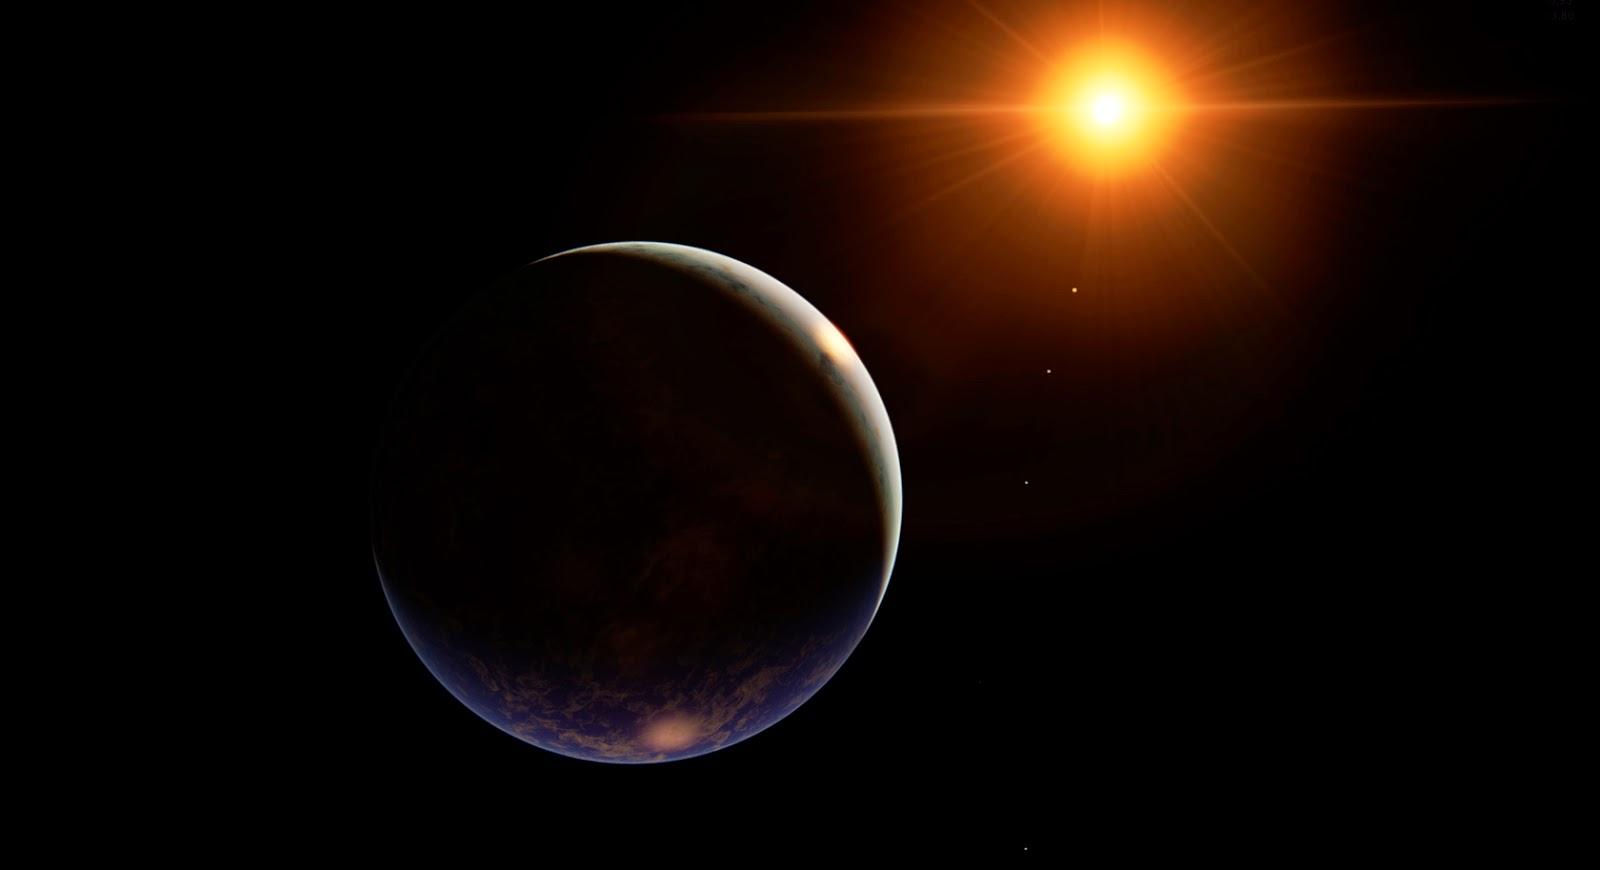 cool dwarf planet - photo #30